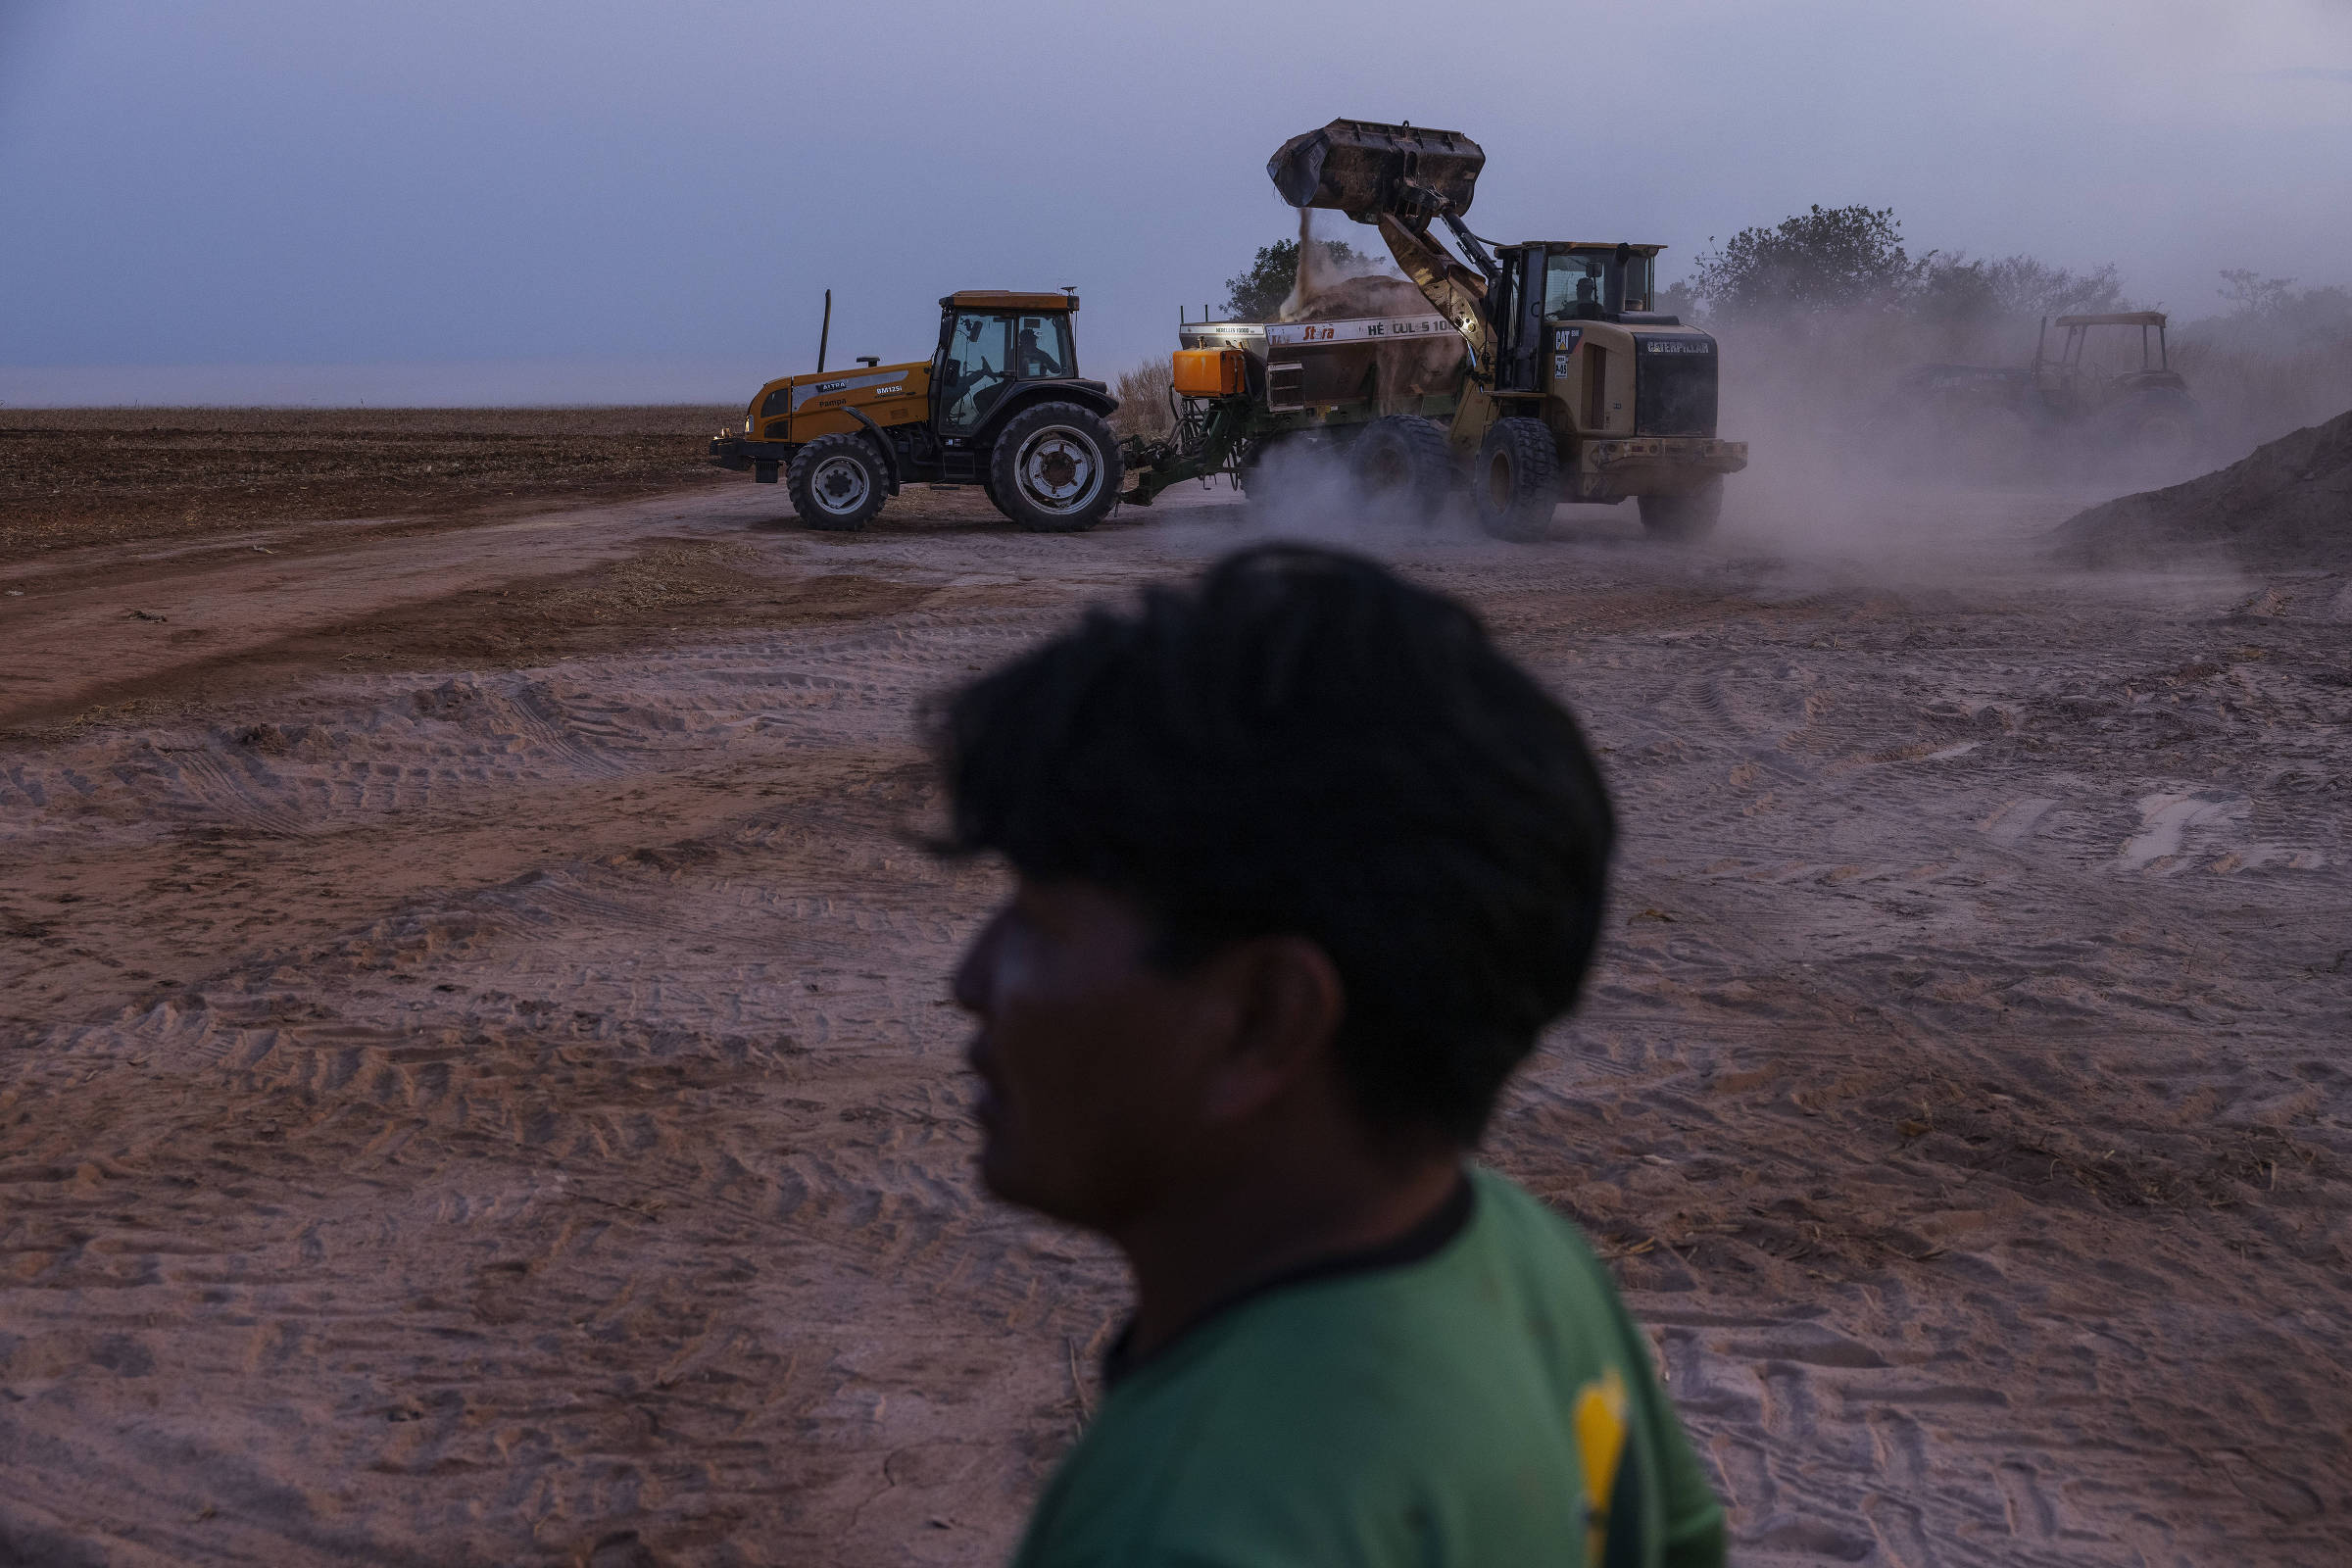 Manokis responsáveis pela lavoura mecanizada observam a movimentação de tratores jogando calcário para equilibrar o solo na preparação para o plantio